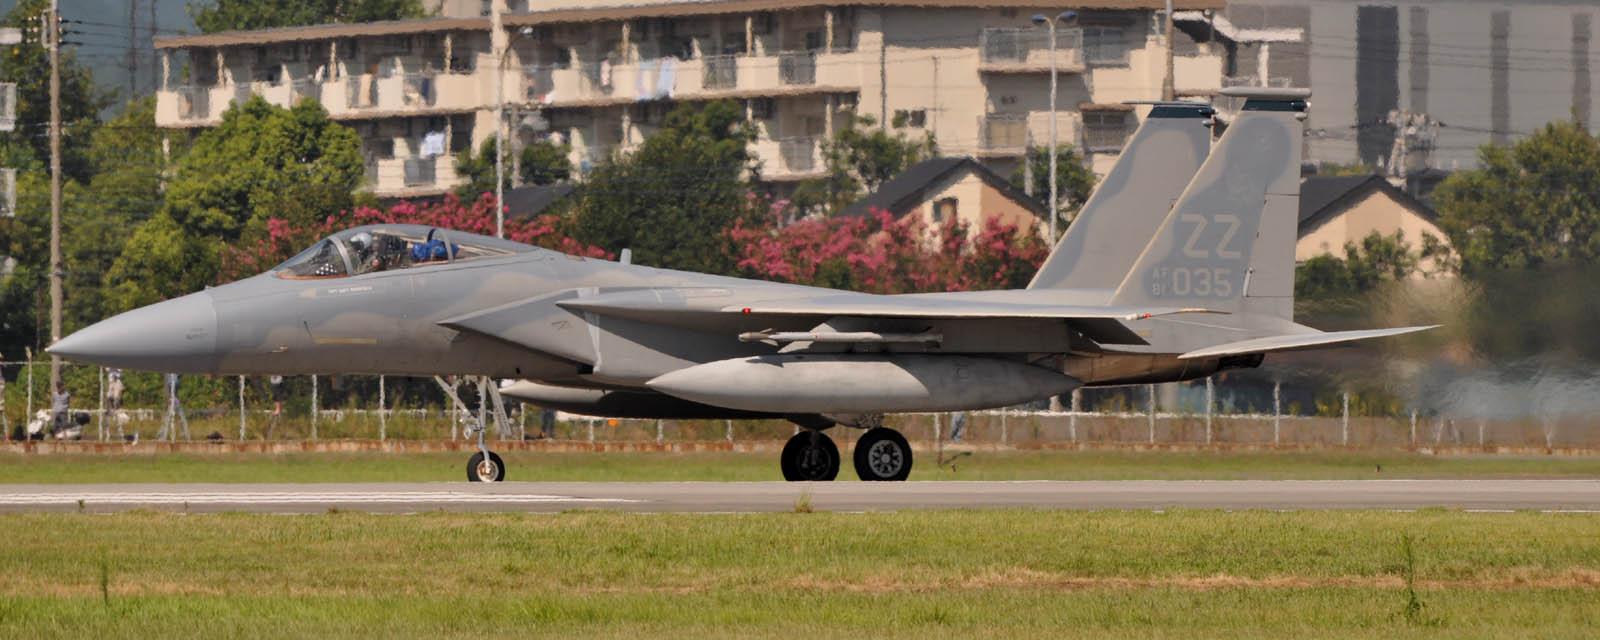 F15c120820g384